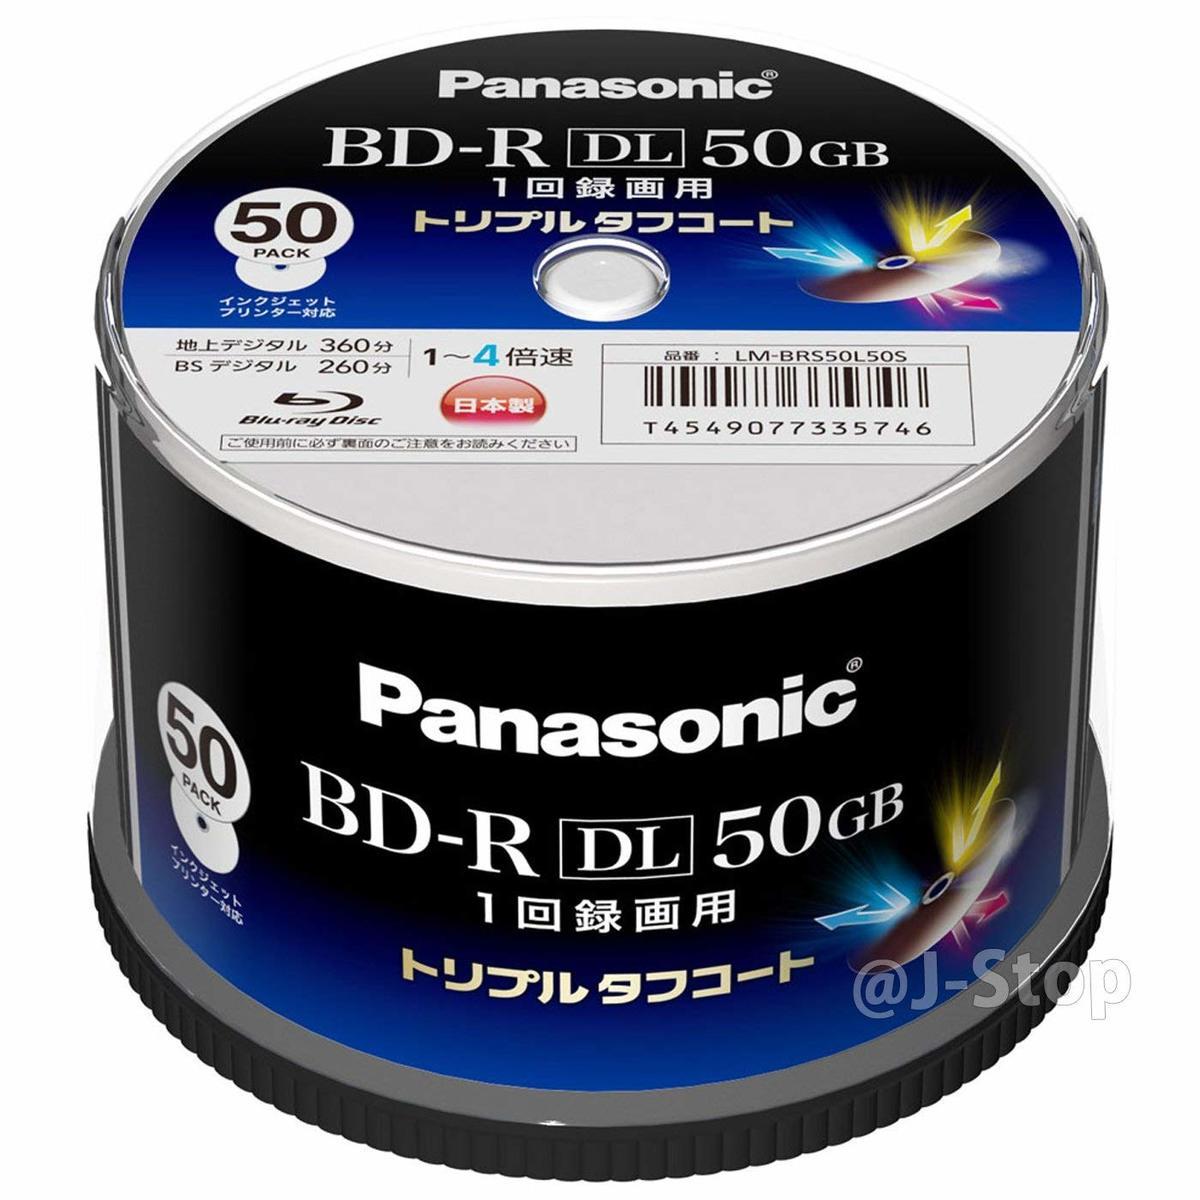 【送料無料※】ブルーレイディスク 録画用 50枚 パナソニック 4倍速 片面2層 50GB(追記型) スピンドル LM-BRS50L50S Panasonic ※一部地域を除く